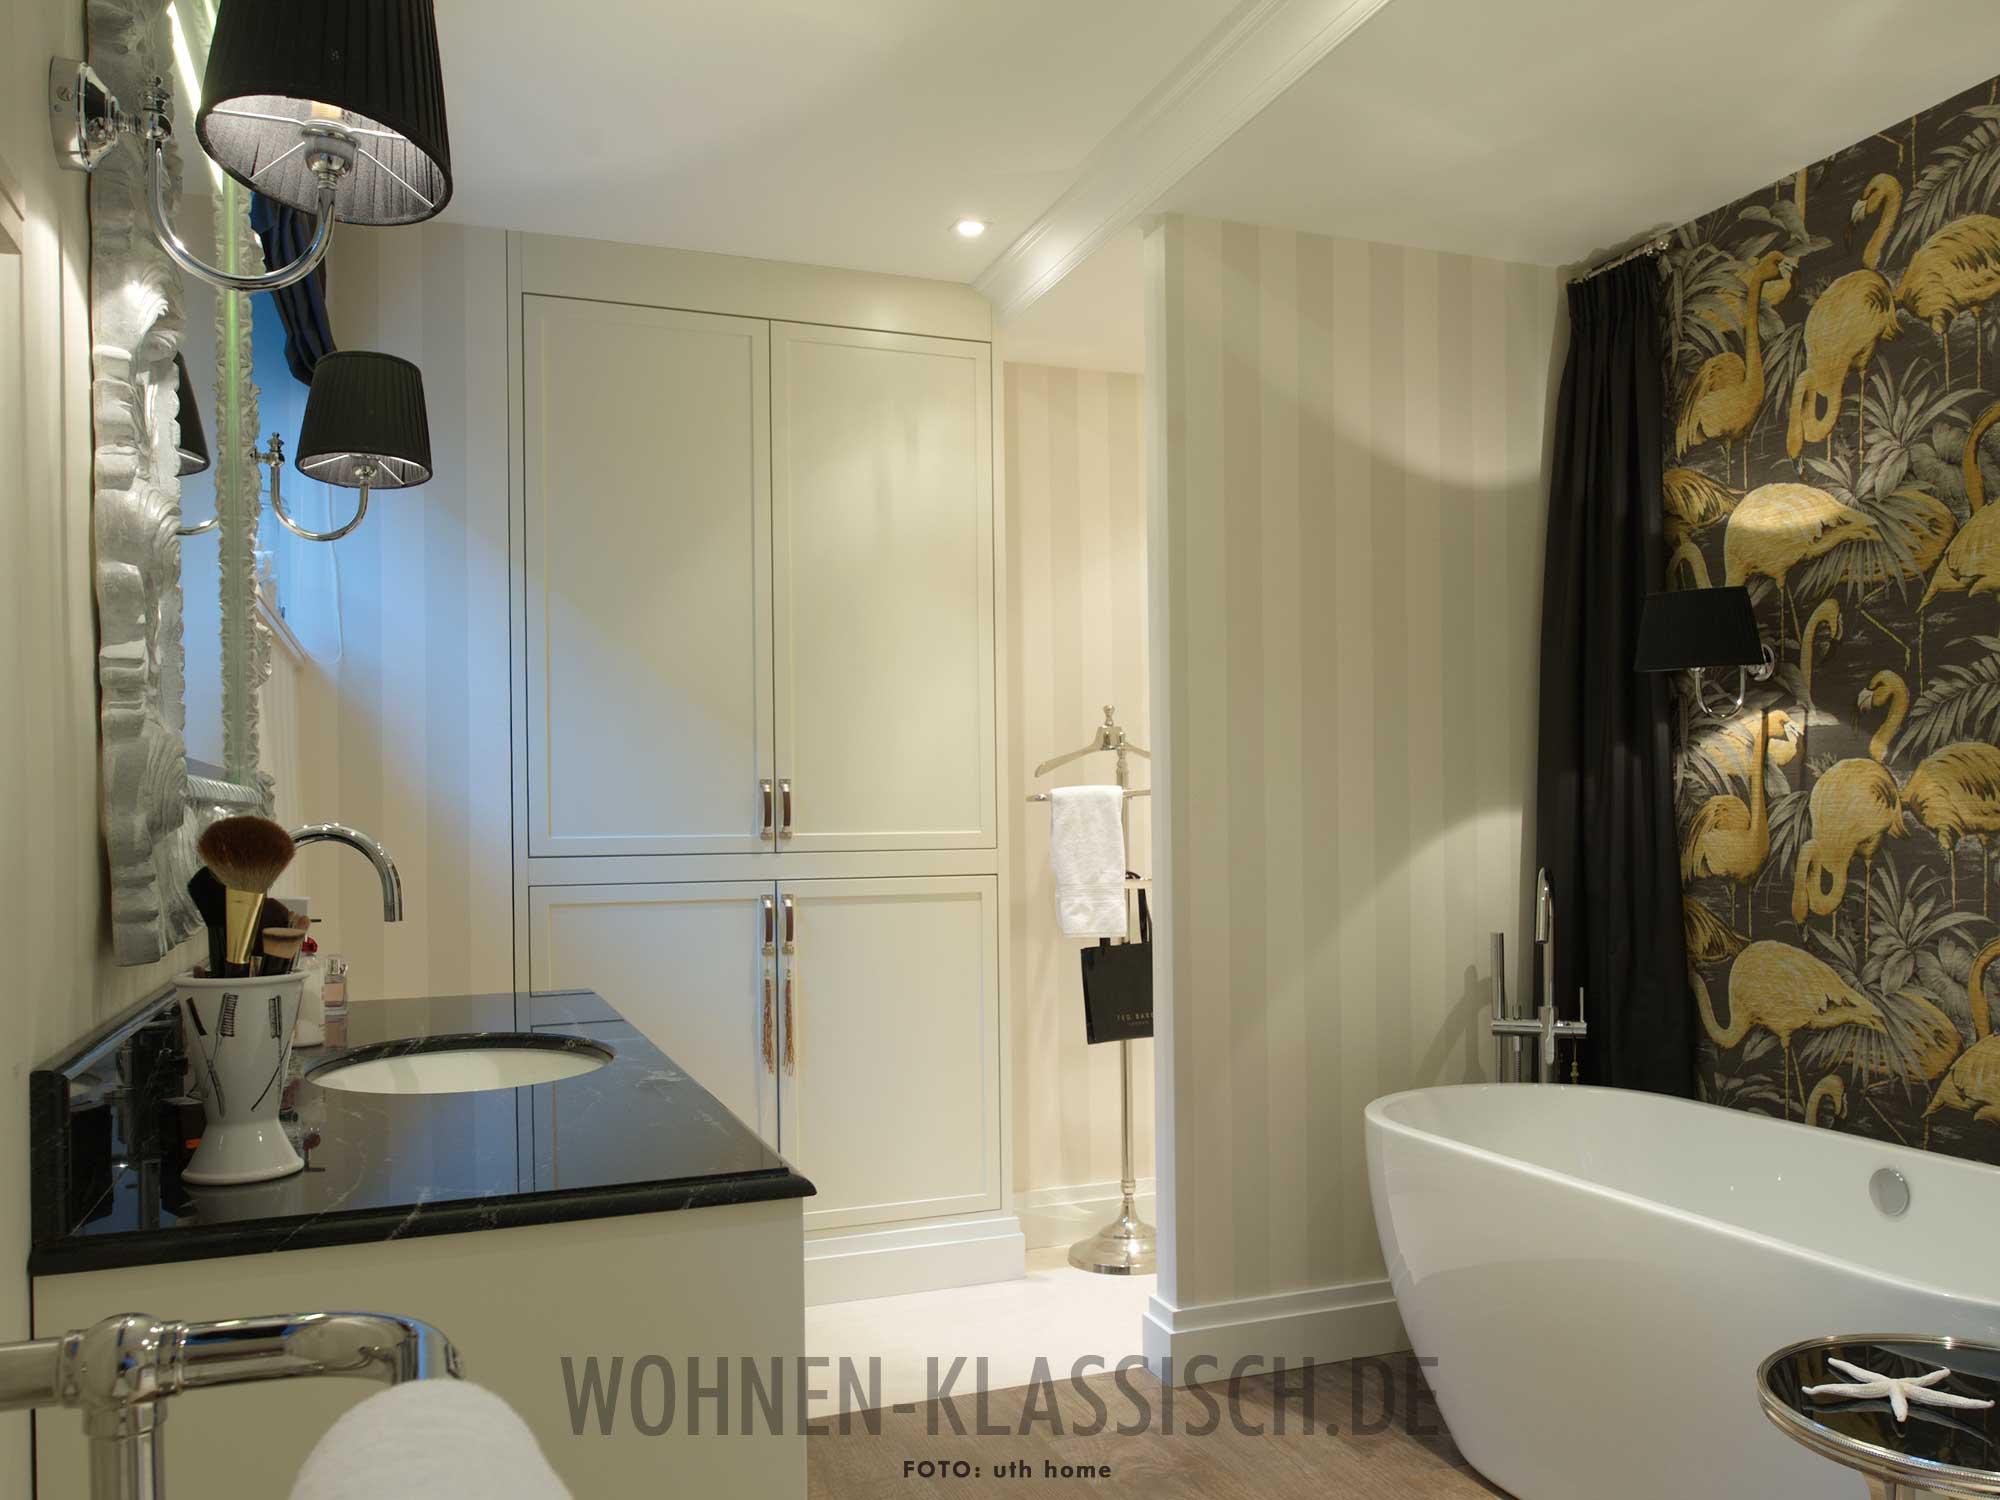 wohnliche wohlf hlwelt klassisch wohnen. Black Bedroom Furniture Sets. Home Design Ideas